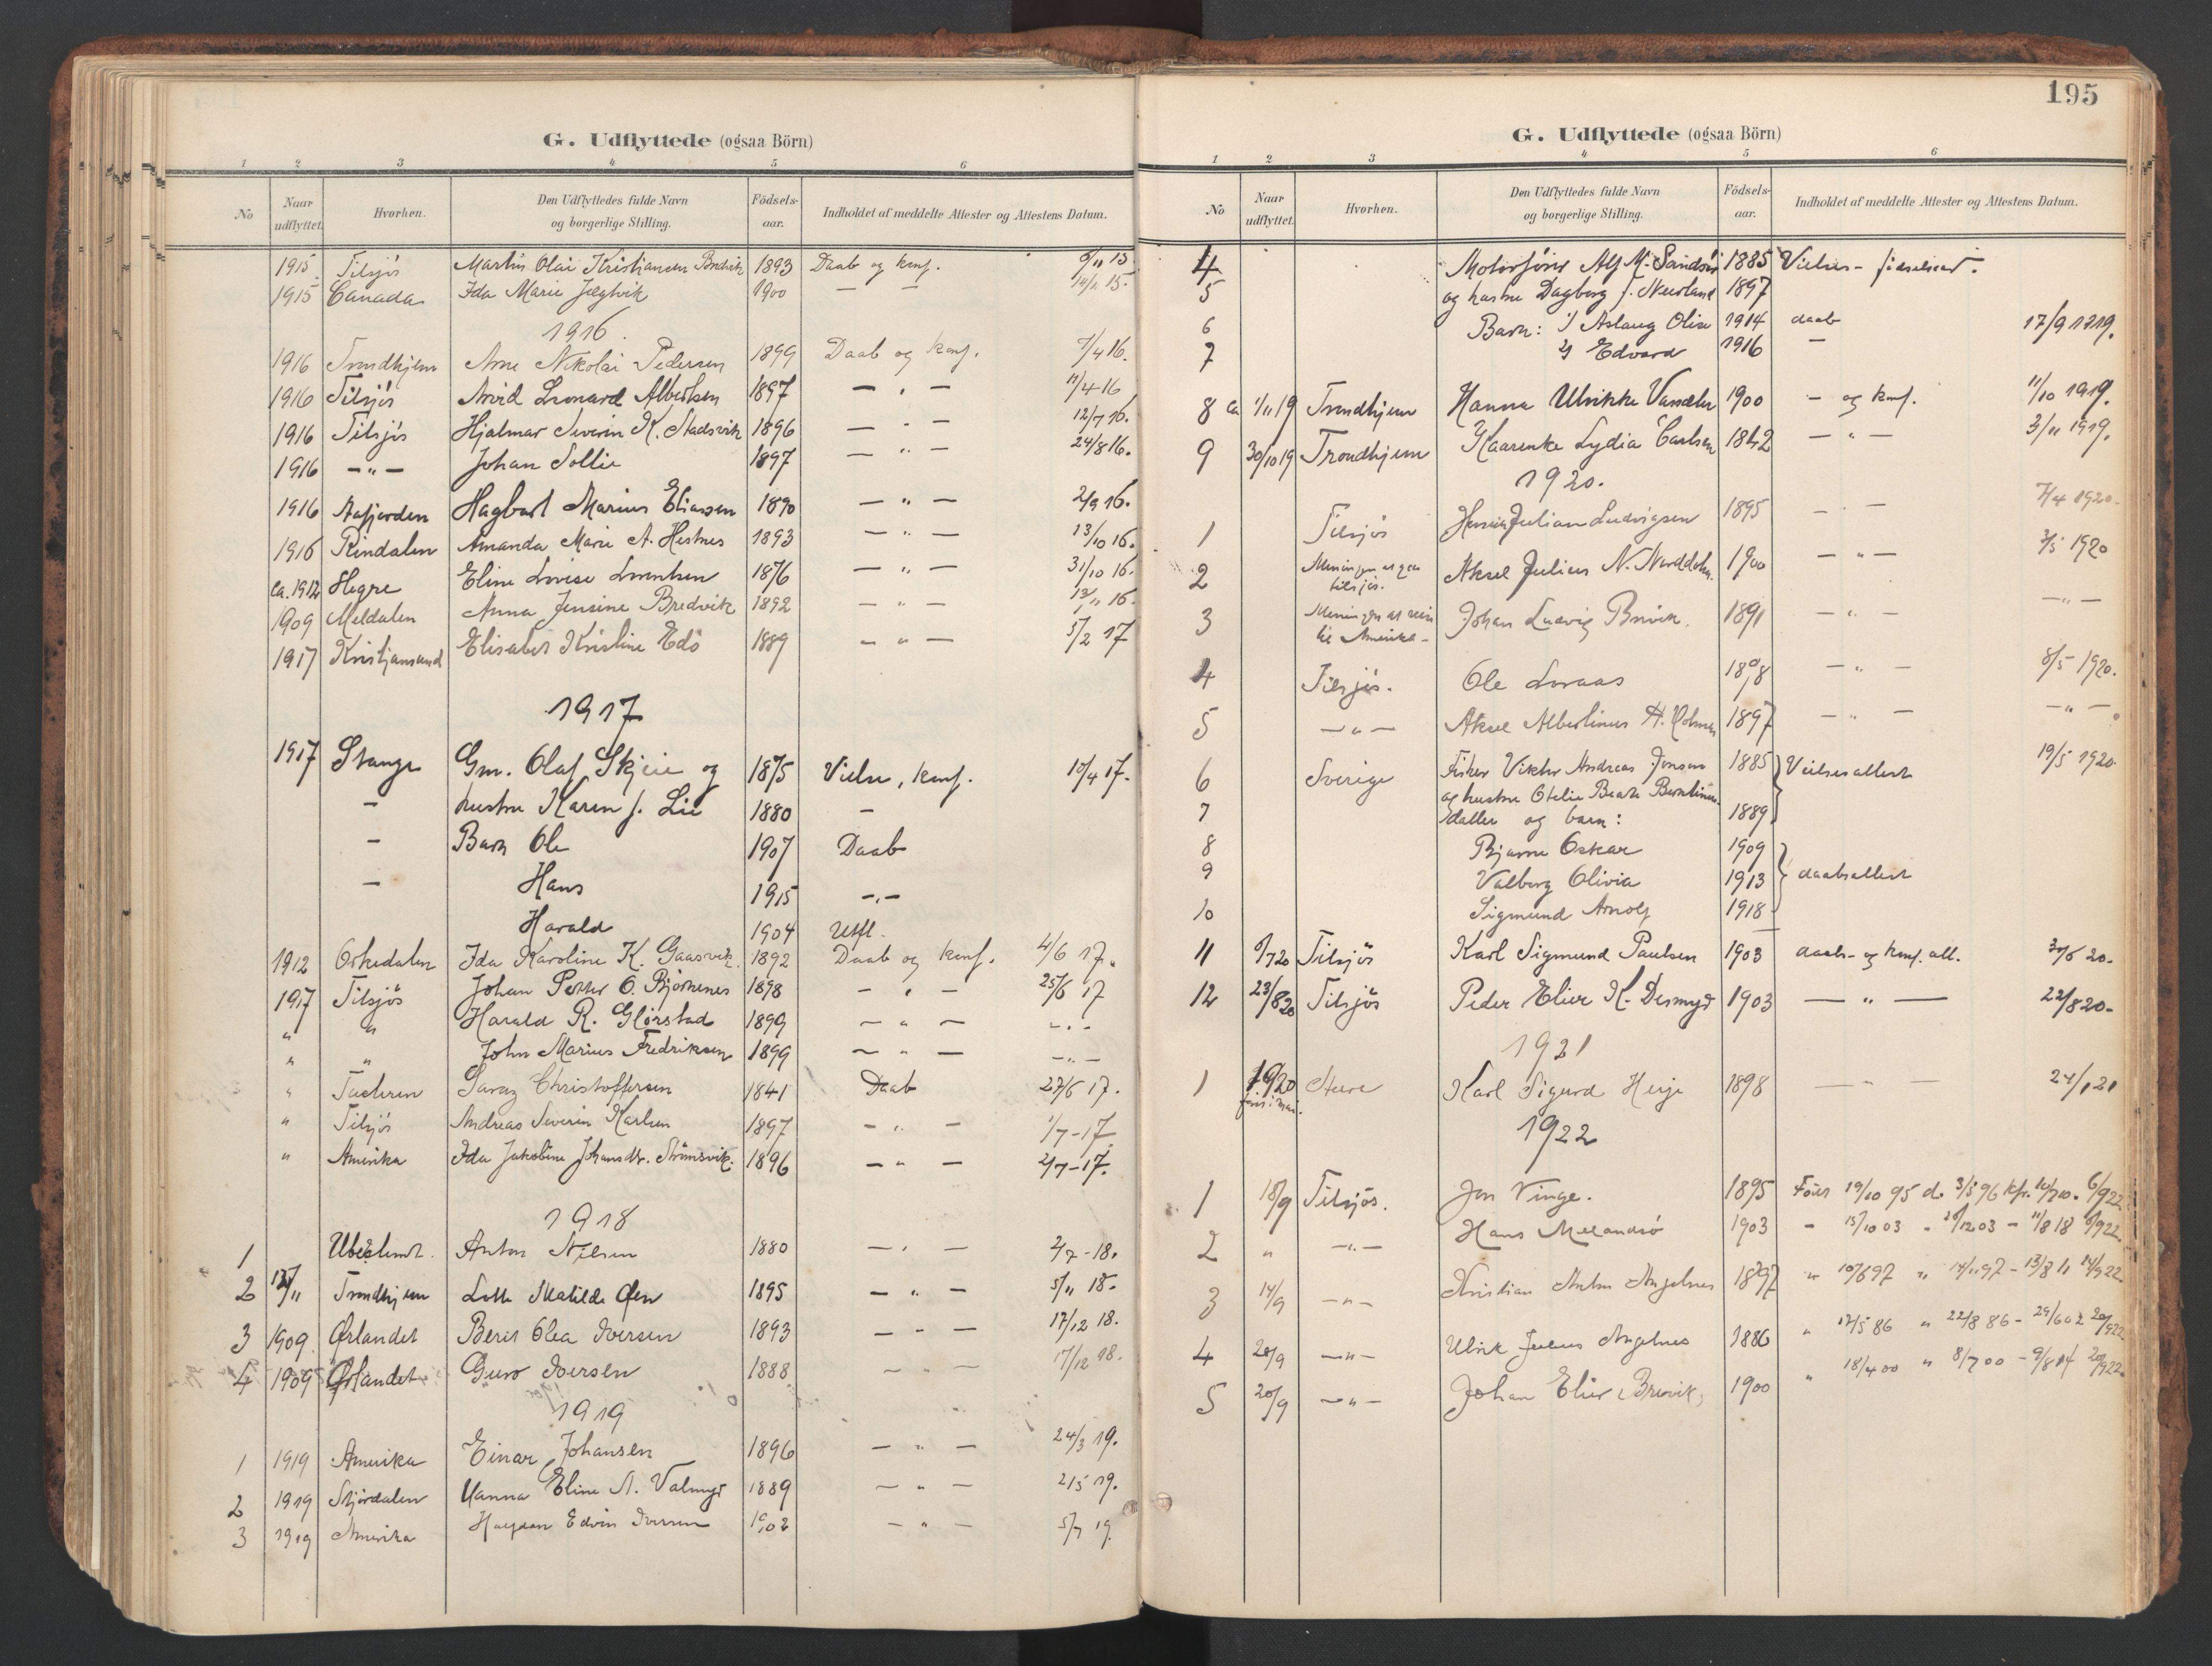 SAT, Ministerialprotokoller, klokkerbøker og fødselsregistre - Sør-Trøndelag, 634/L0537: Ministerialbok nr. 634A13, 1896-1922, s. 195